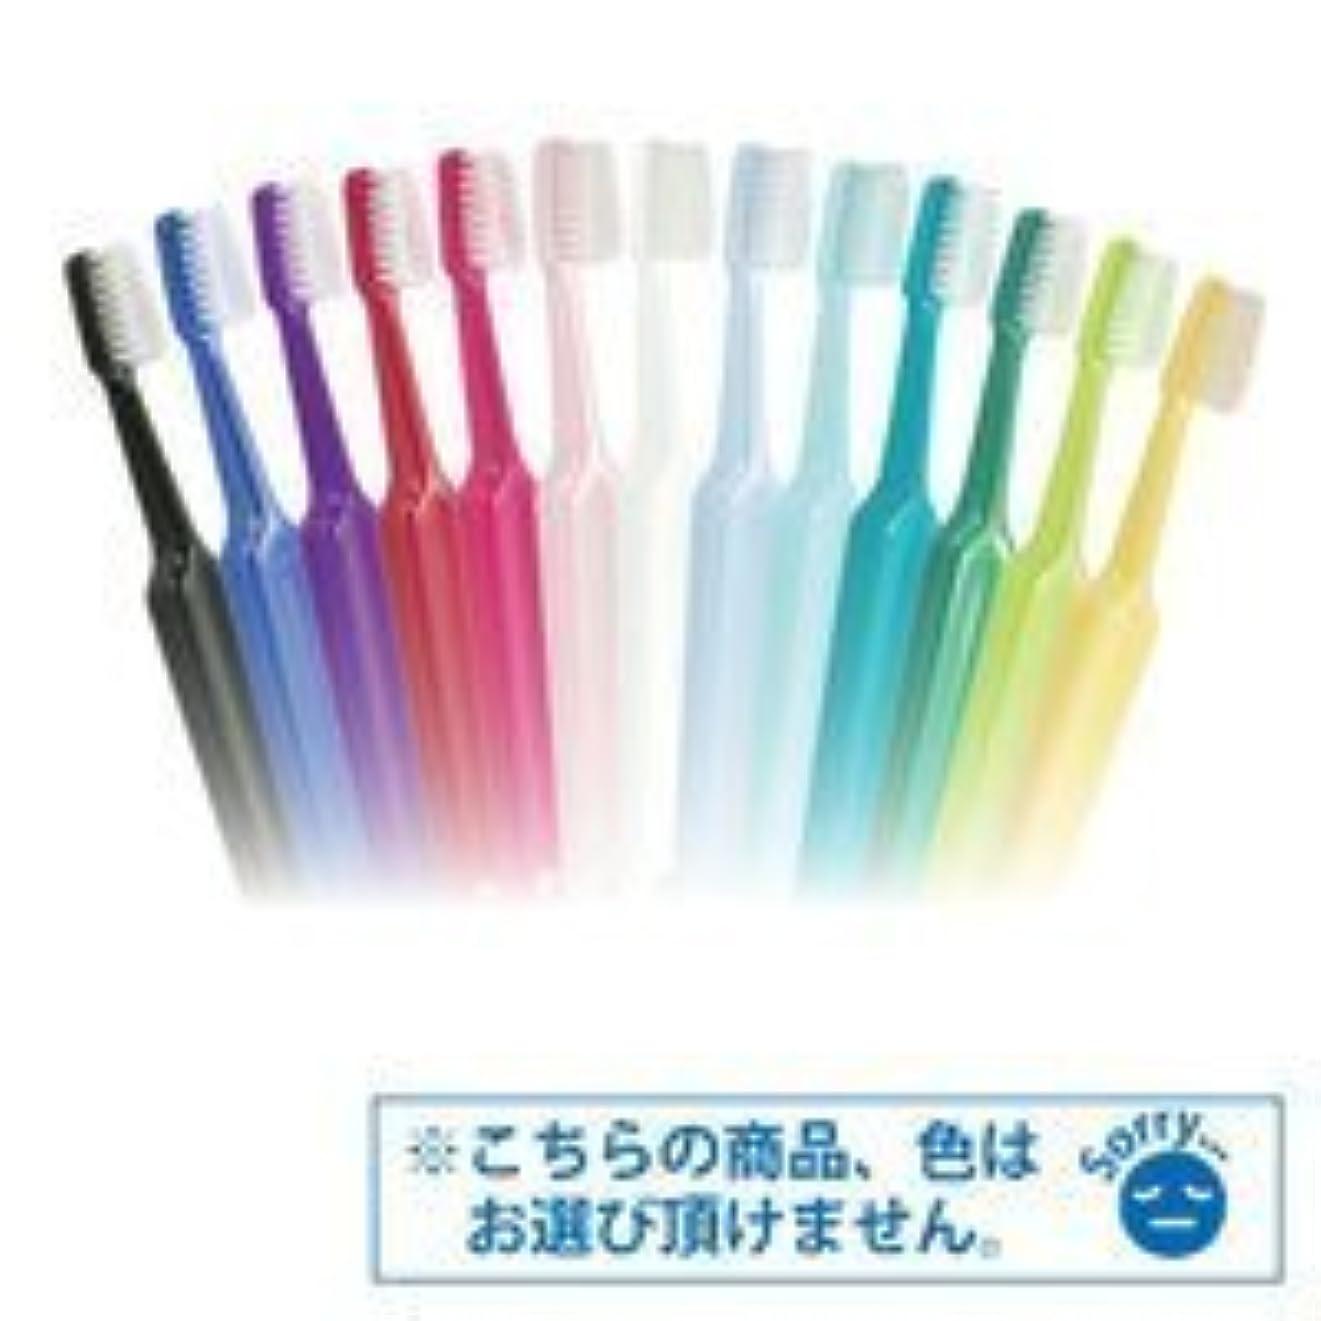 プラカードアート濃度Tepe歯ブラシ セレクトコンパクト/ミディアム 25本/箱